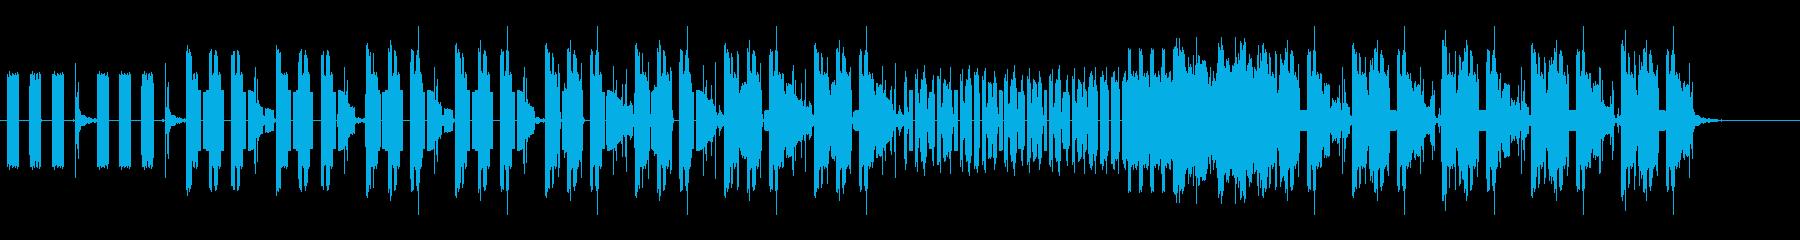 電話の効果音のみの忙しい曲の再生済みの波形